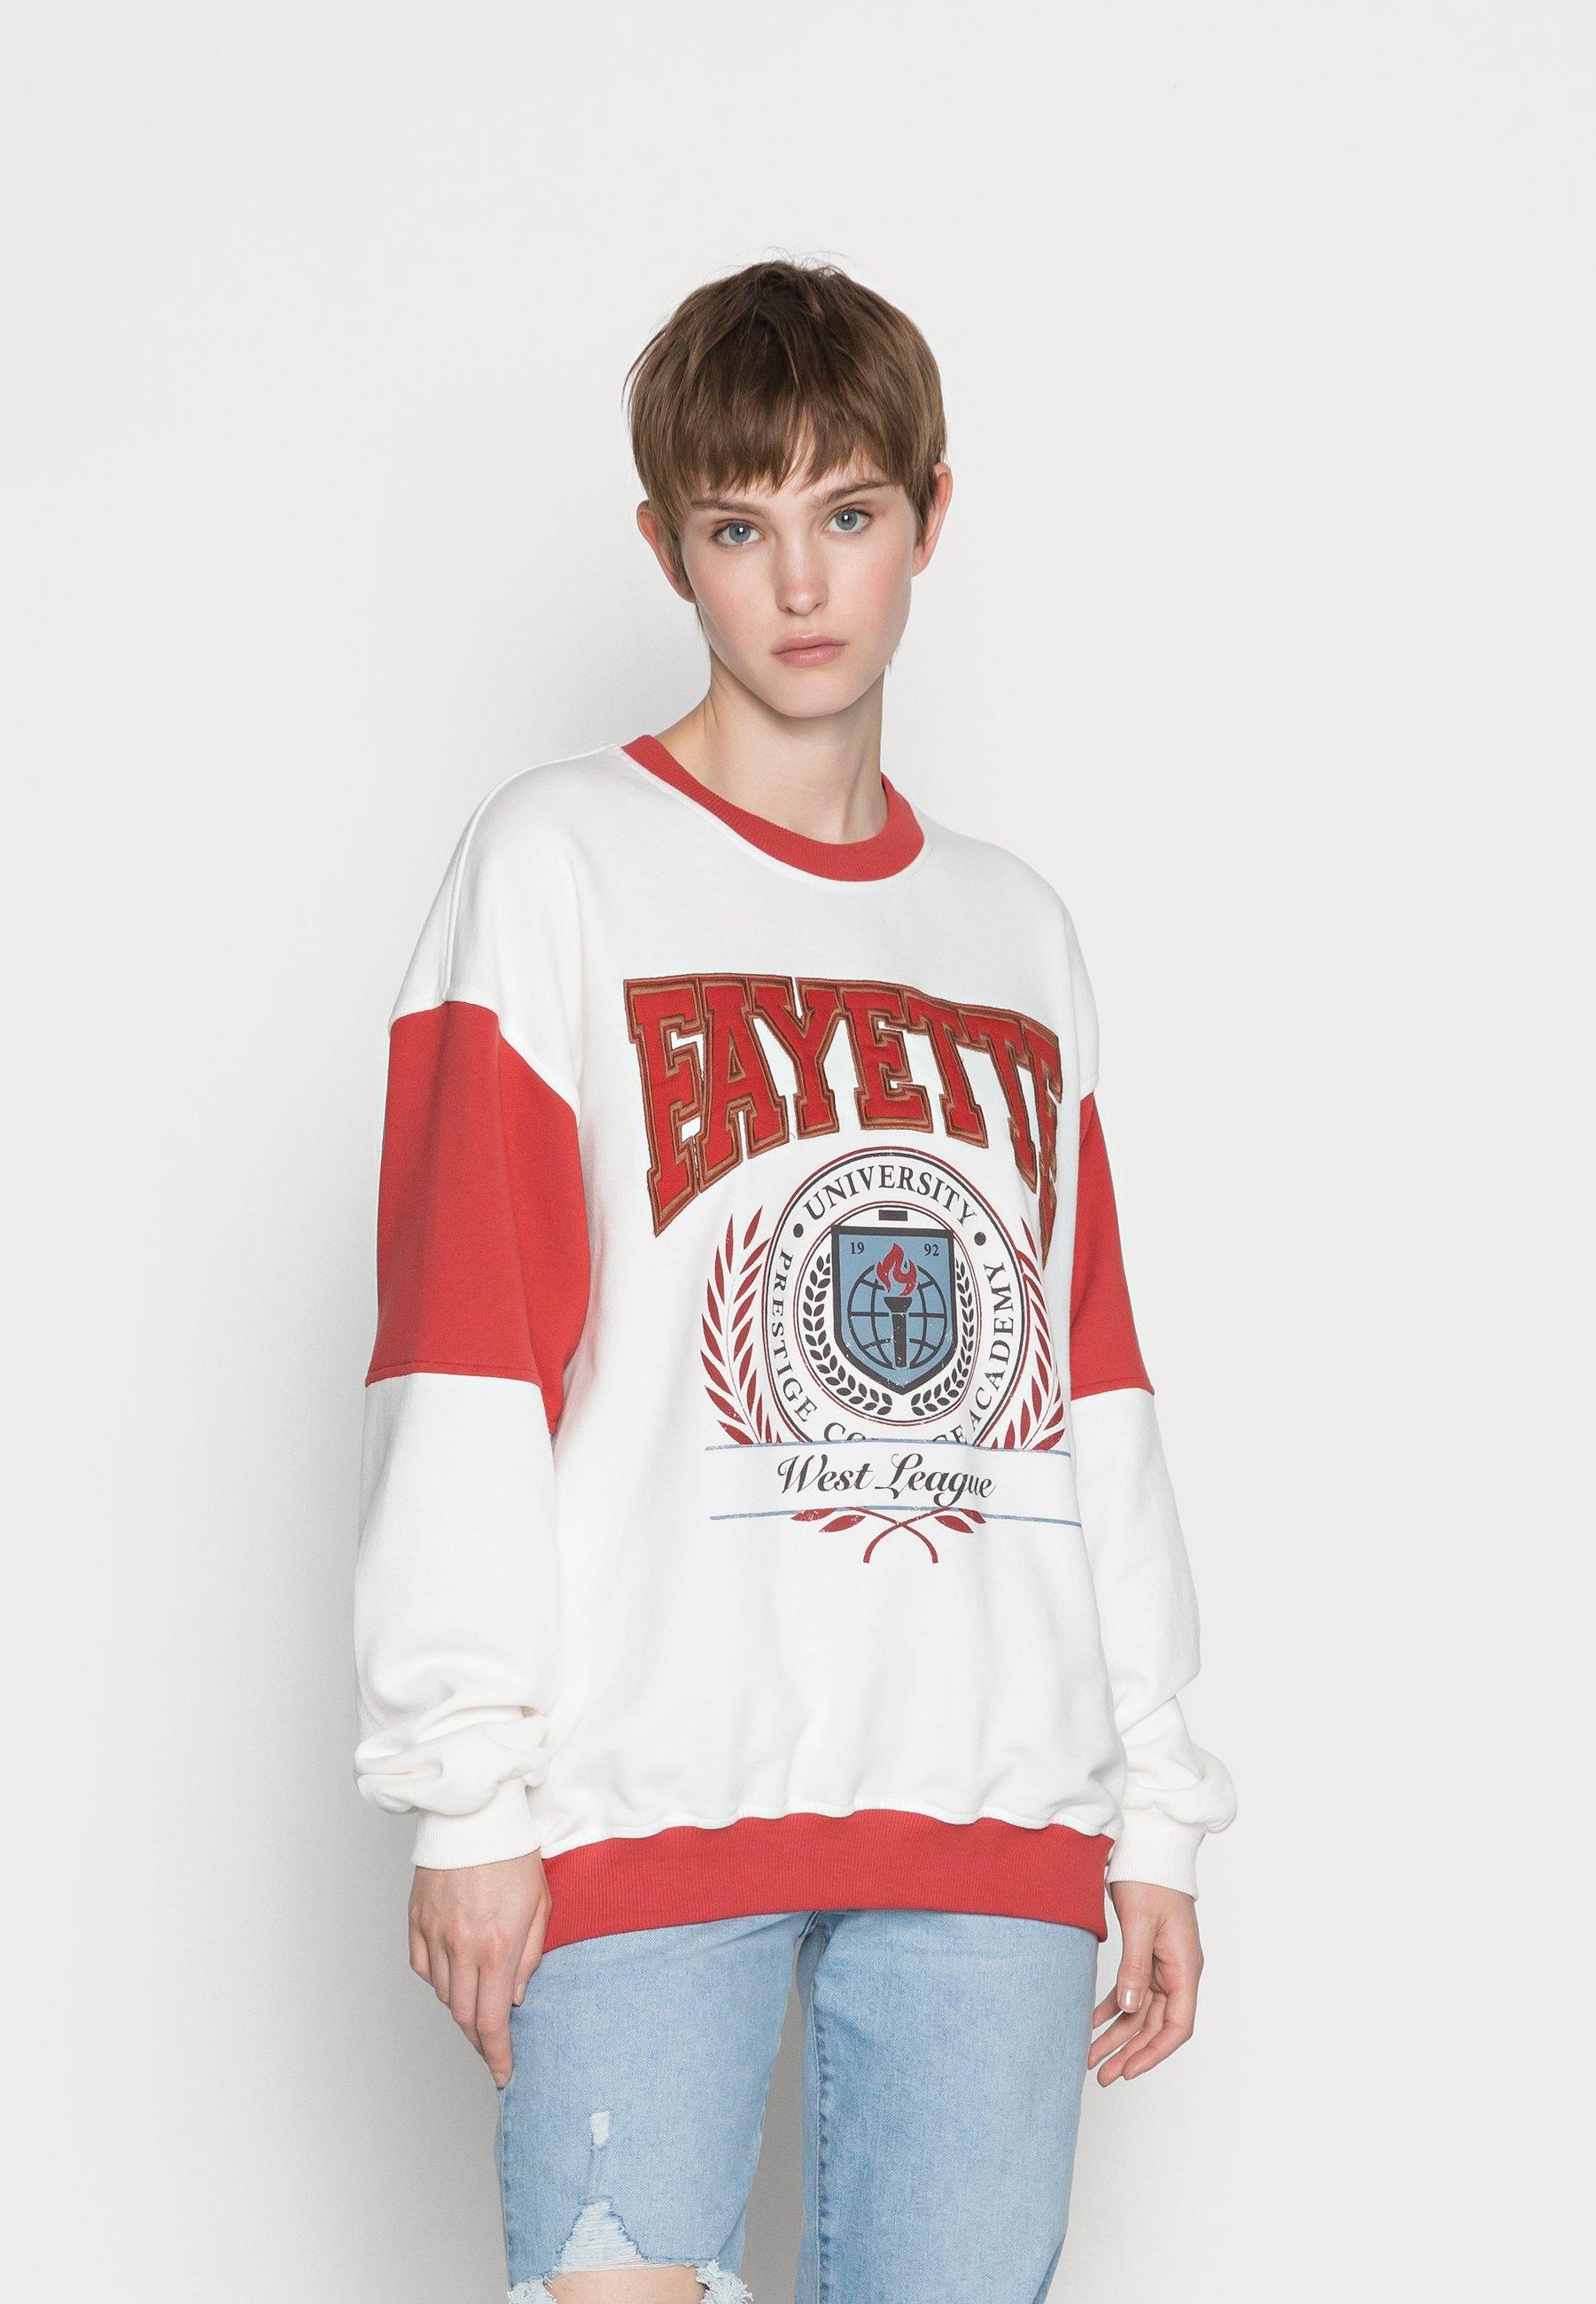 Women FAYETTE COLLEGE - Sweatshirt